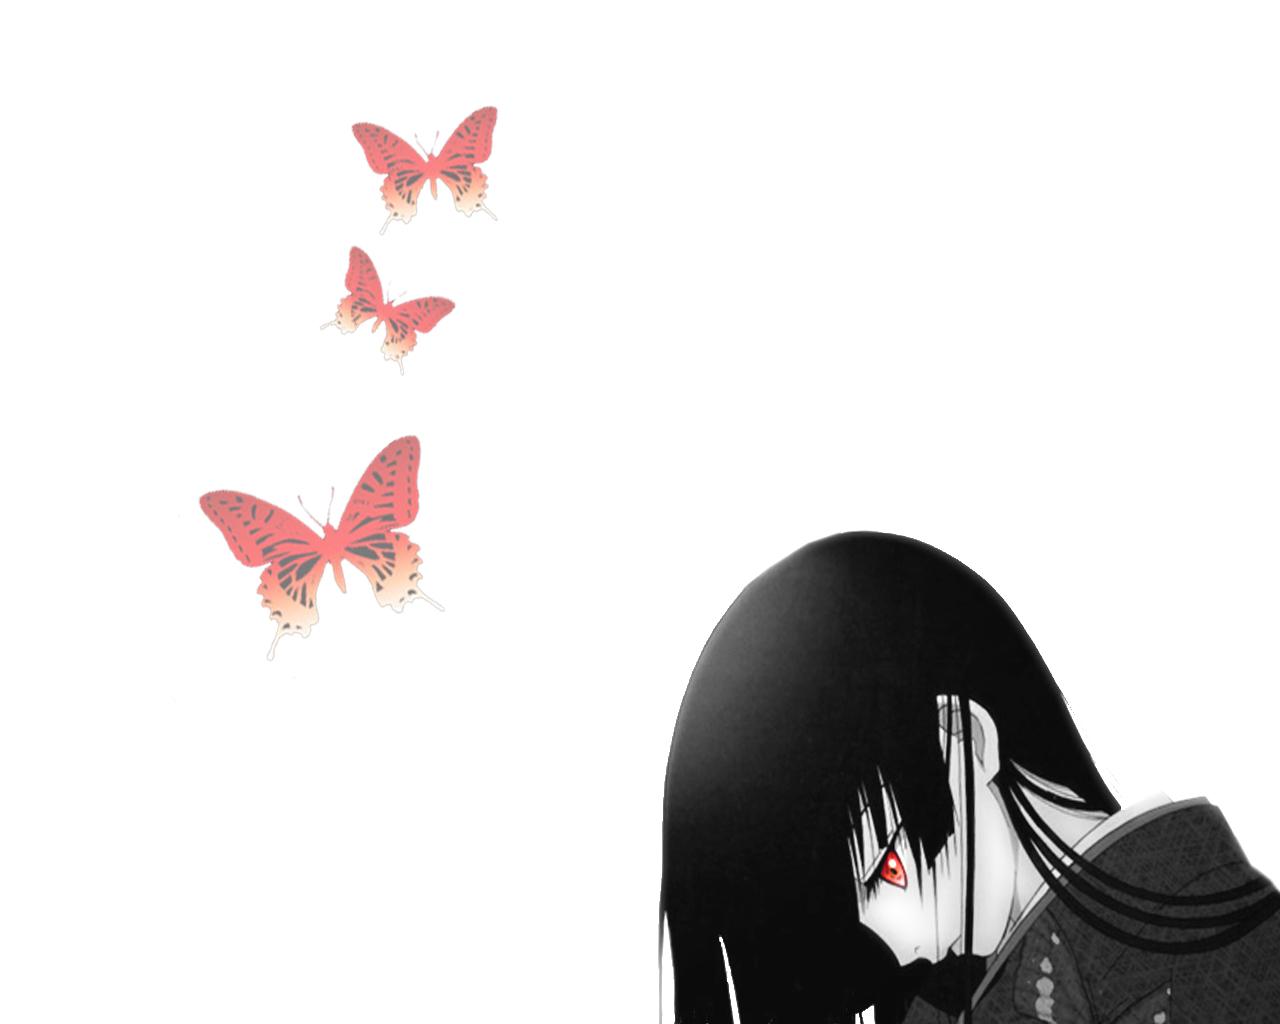 """Obrázok """"http://fc42.deviantart.com/fs6/f/2006/352/b/1/Jigoku_shoujo_by_Luride.jpg"""" sa nedá zobraziť, pretože obsahuje chyby."""